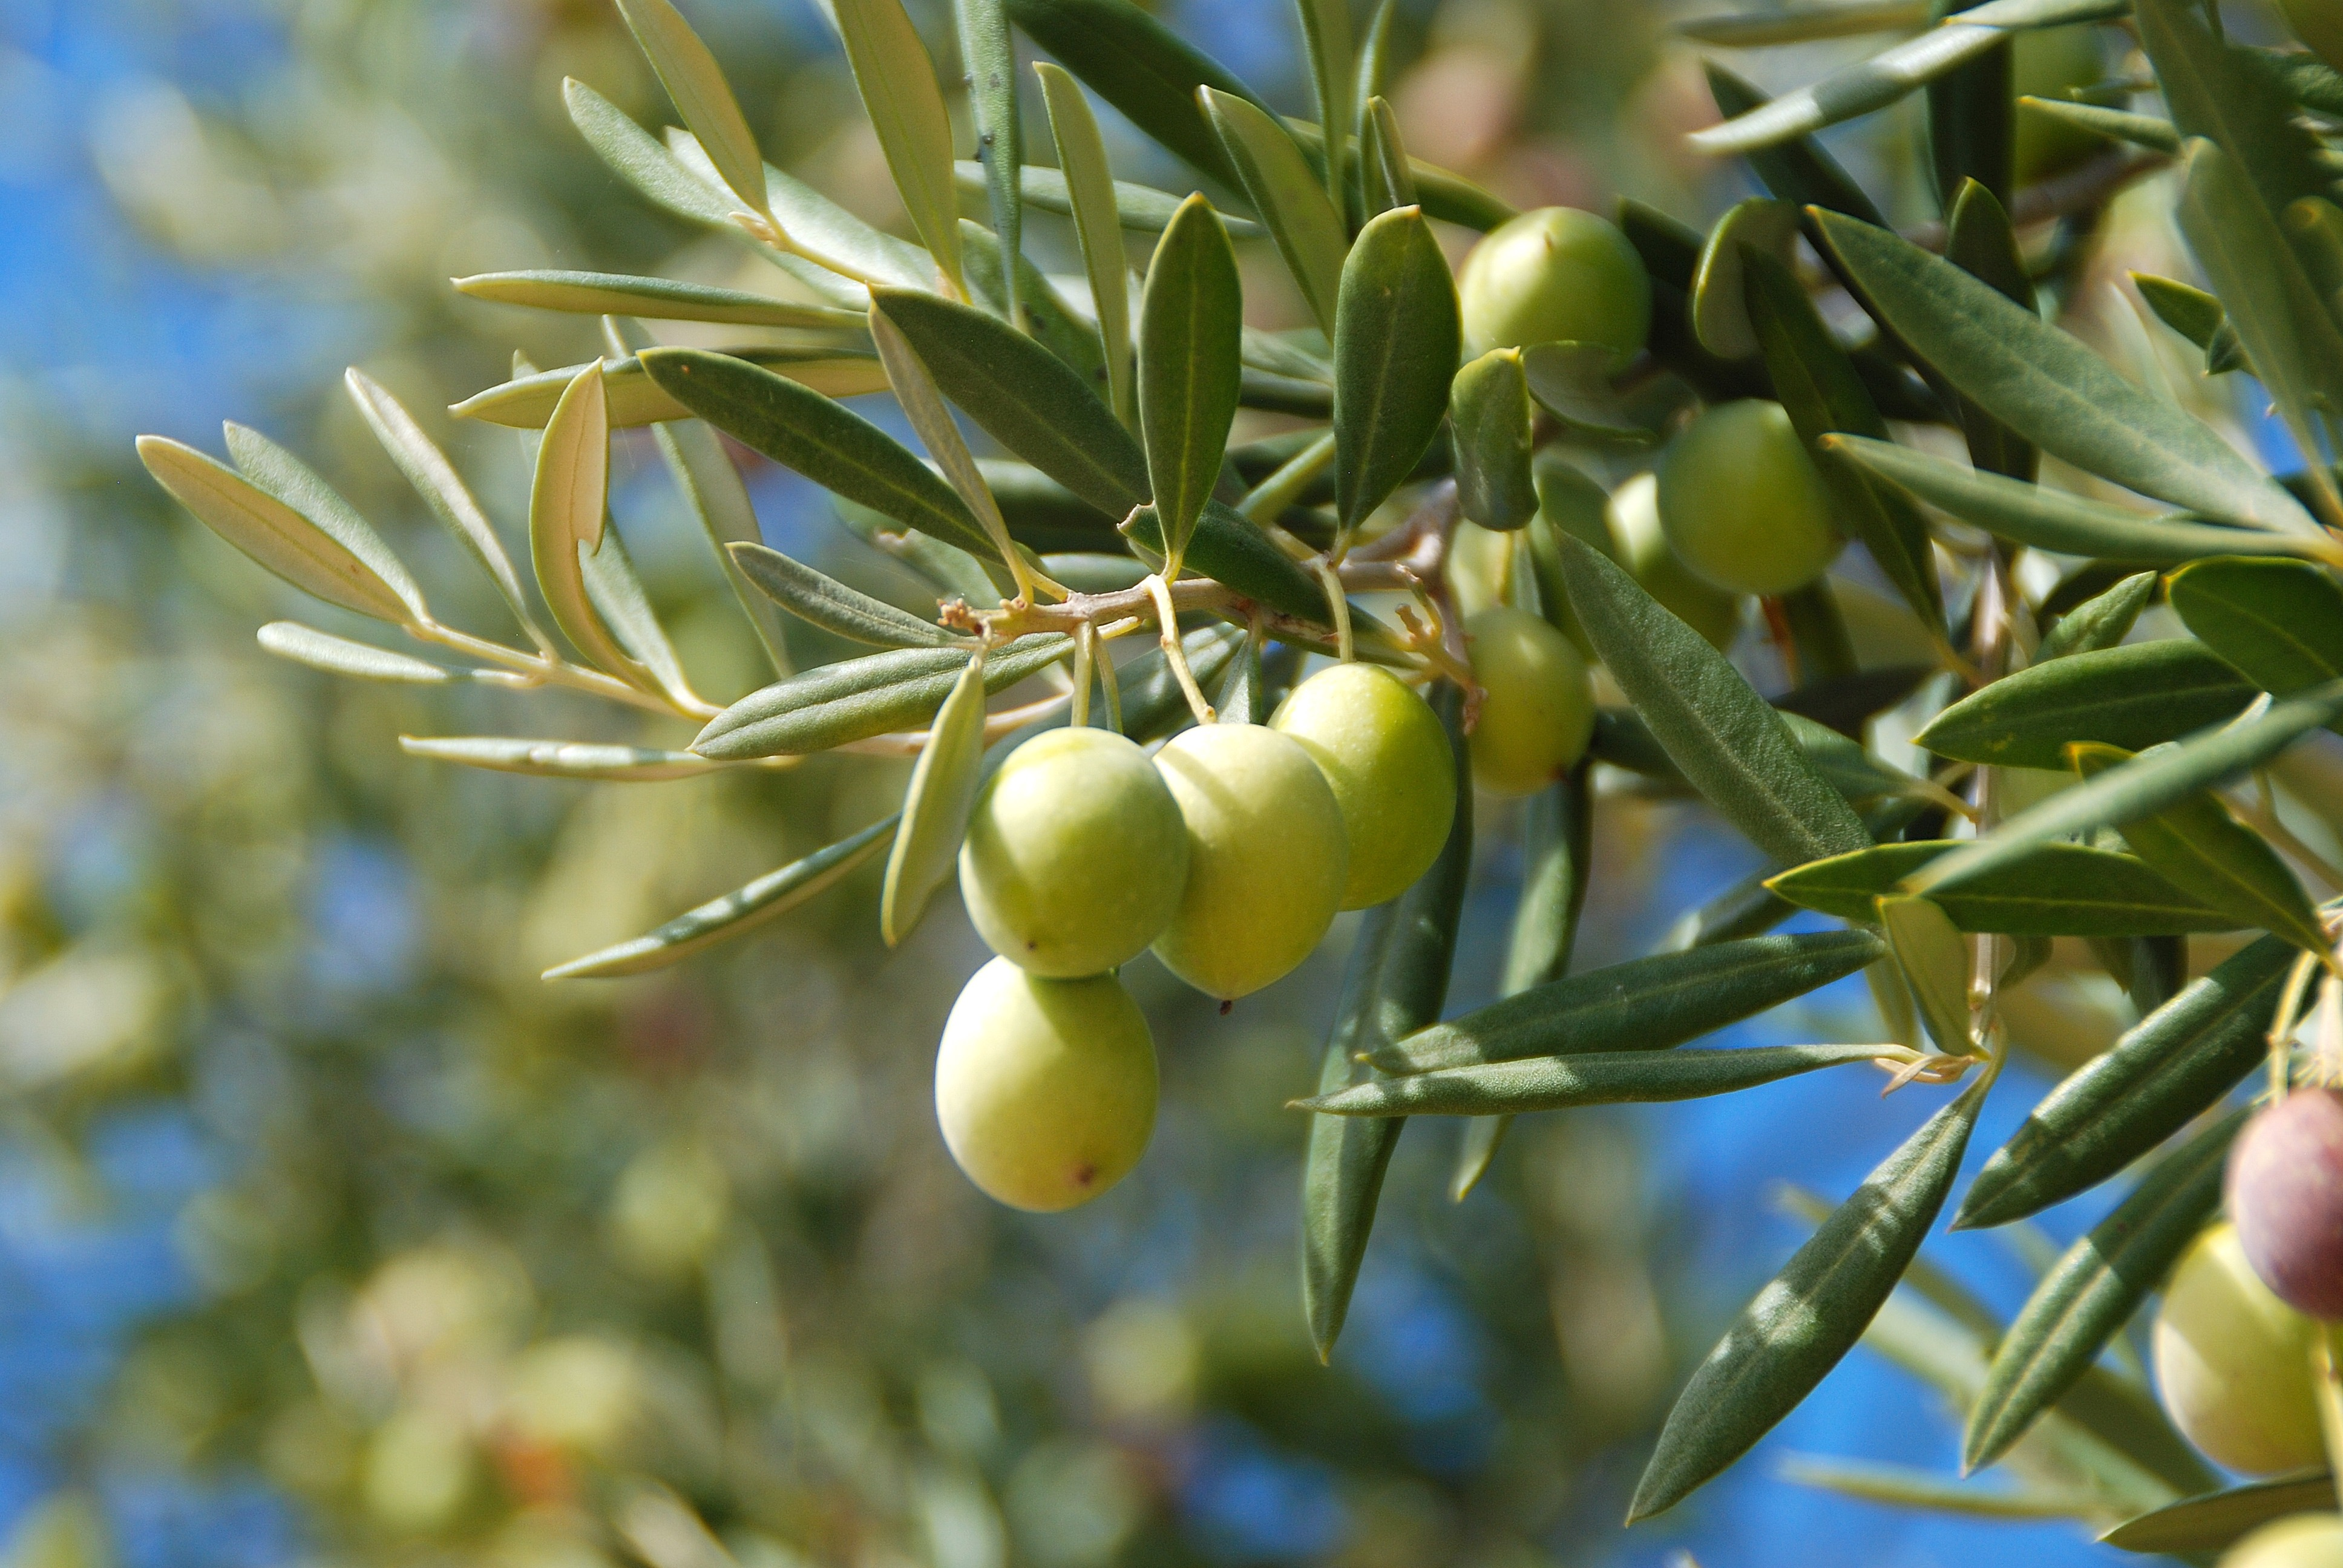 Huile d'olive: Récolte bien méritée